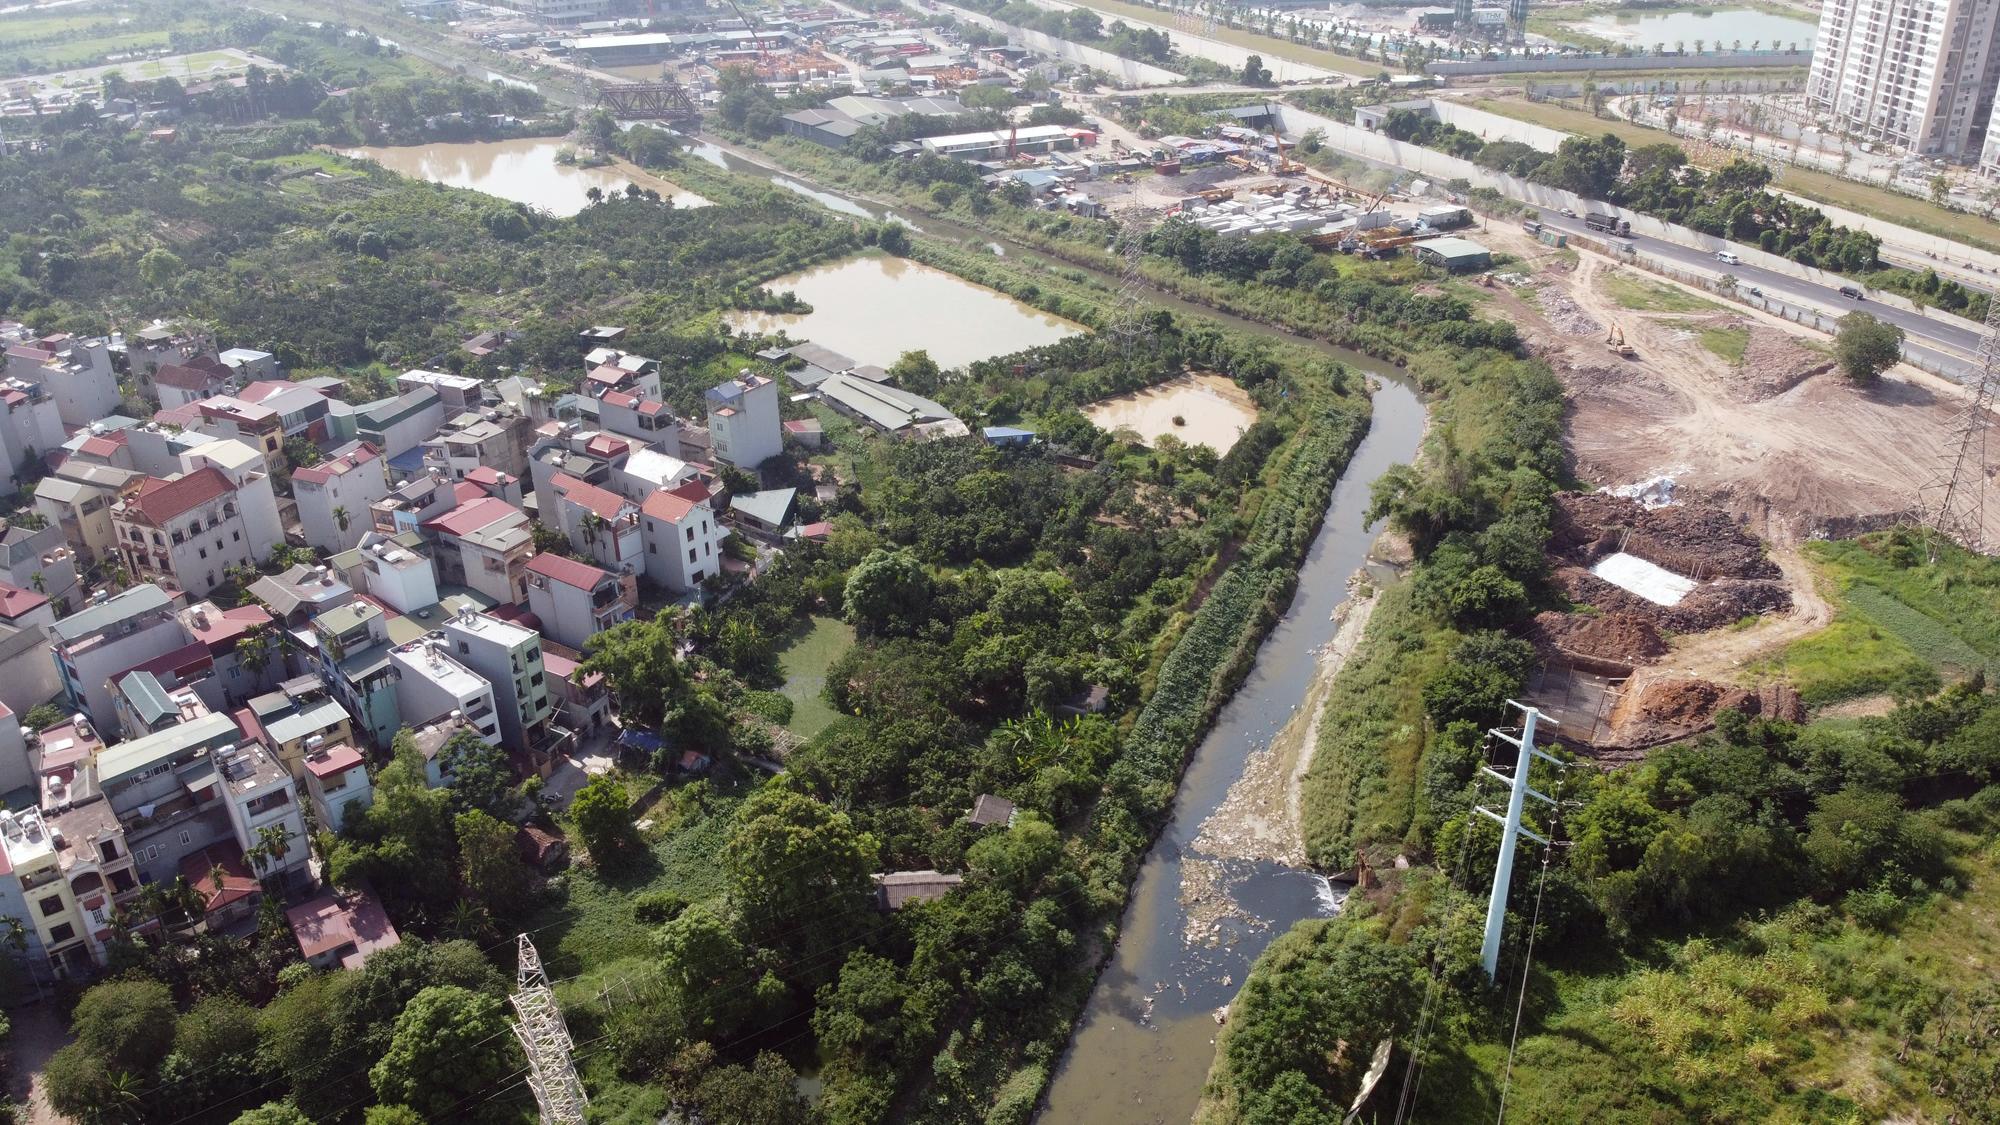 Toàn cảnh nơi xây dựng tuyến đường dài 3km trị giá gần 500 tỉ đồng ở quận Nam Từ Liêm - Ảnh 9.